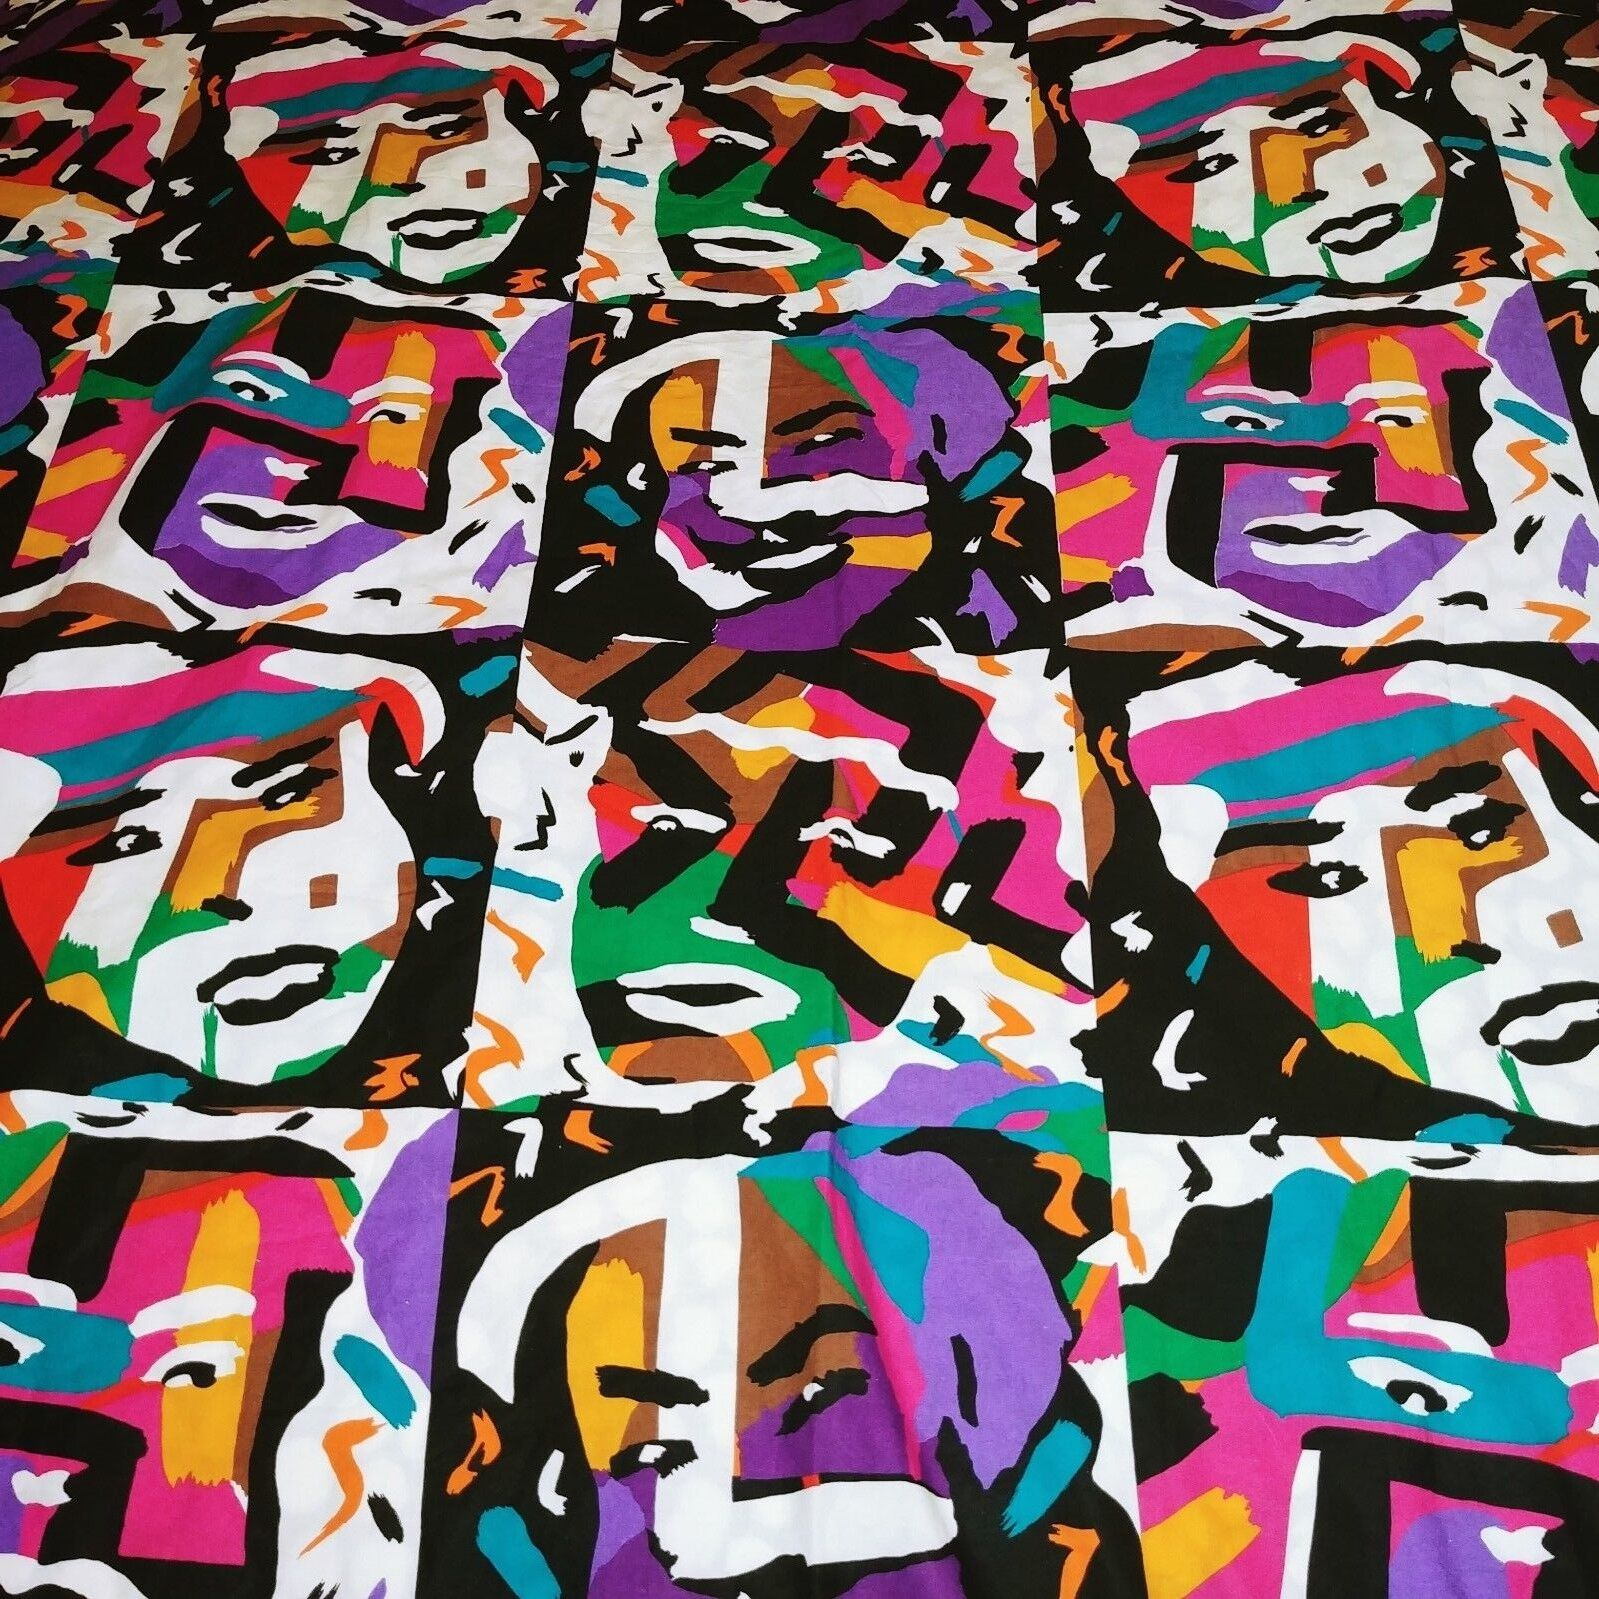 MISSONI Rare Vintage 80s King Duvet Cover Reversible Faces Pop Art 100% Cotton